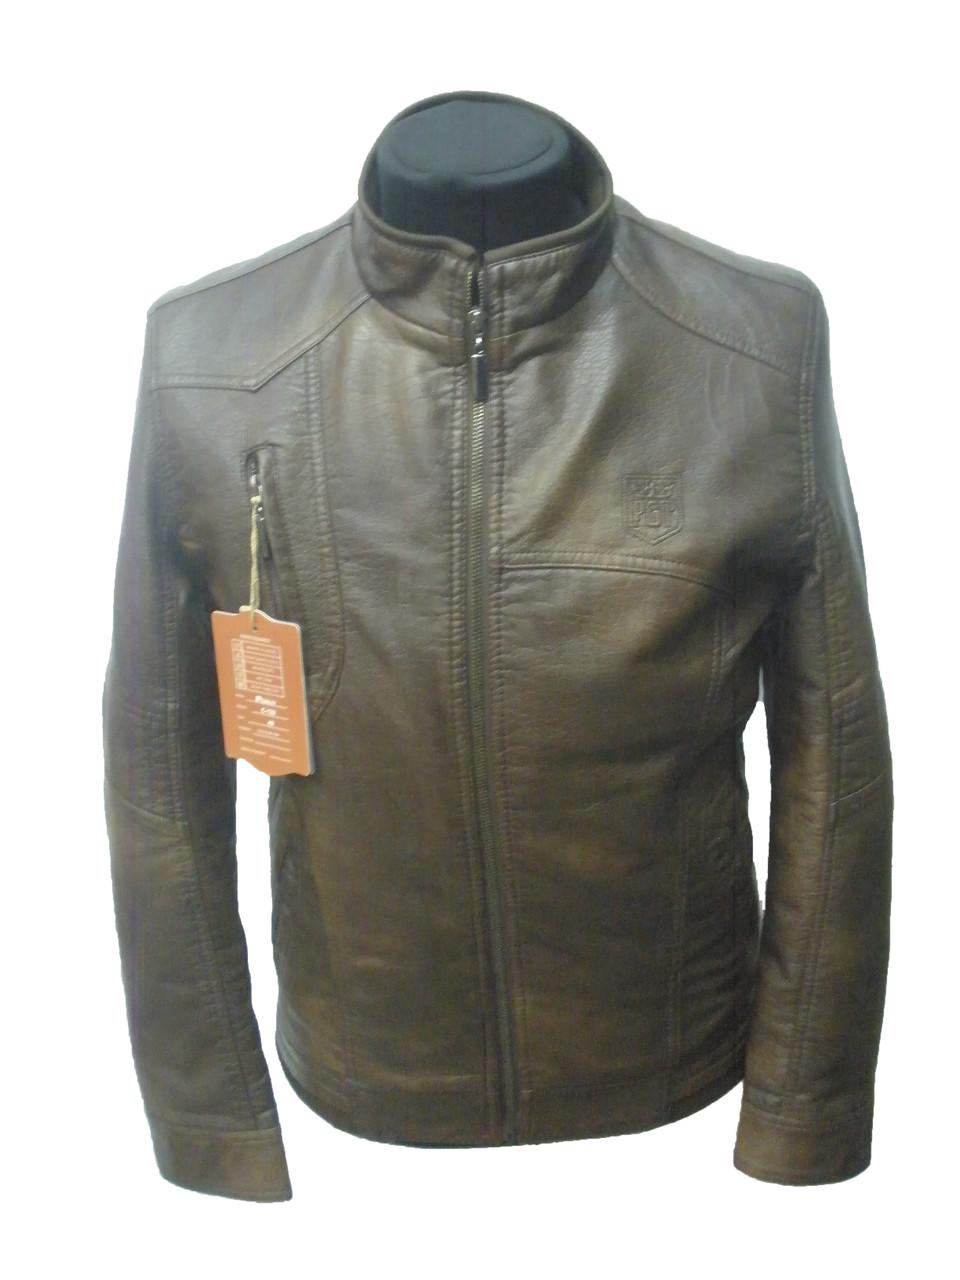 Куртка мужская коричневая-демисезонная